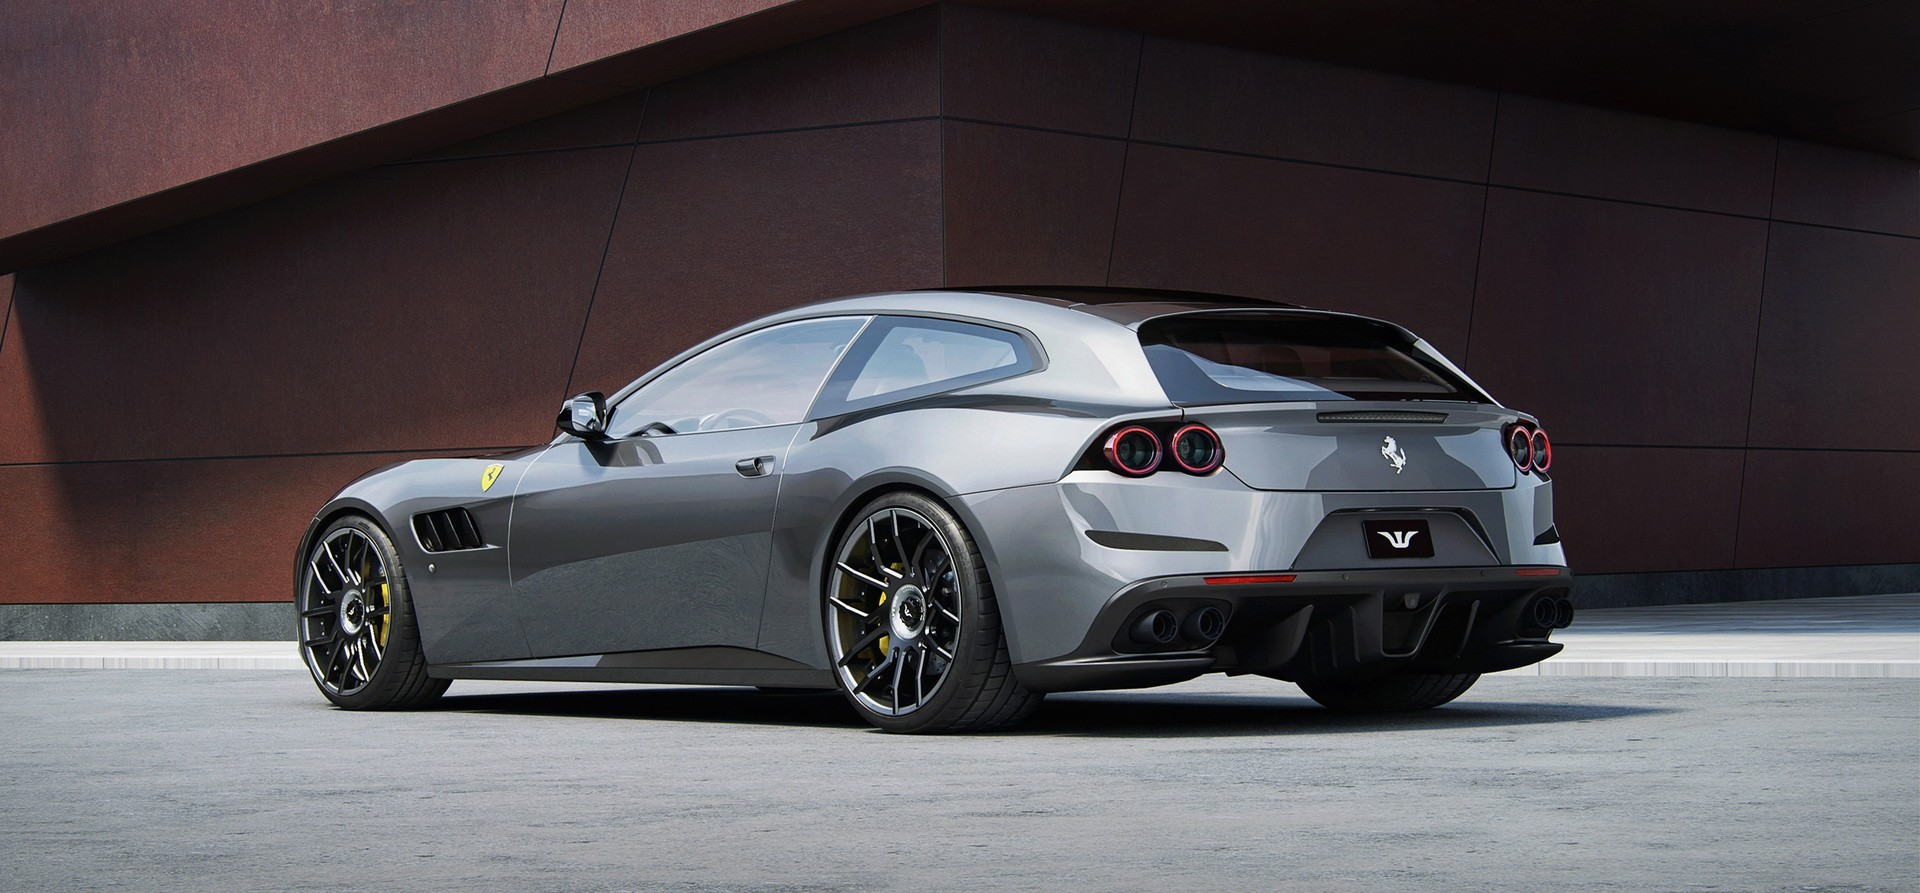 Ferrari GTC4Lusso T by Wheelsandmore (3)